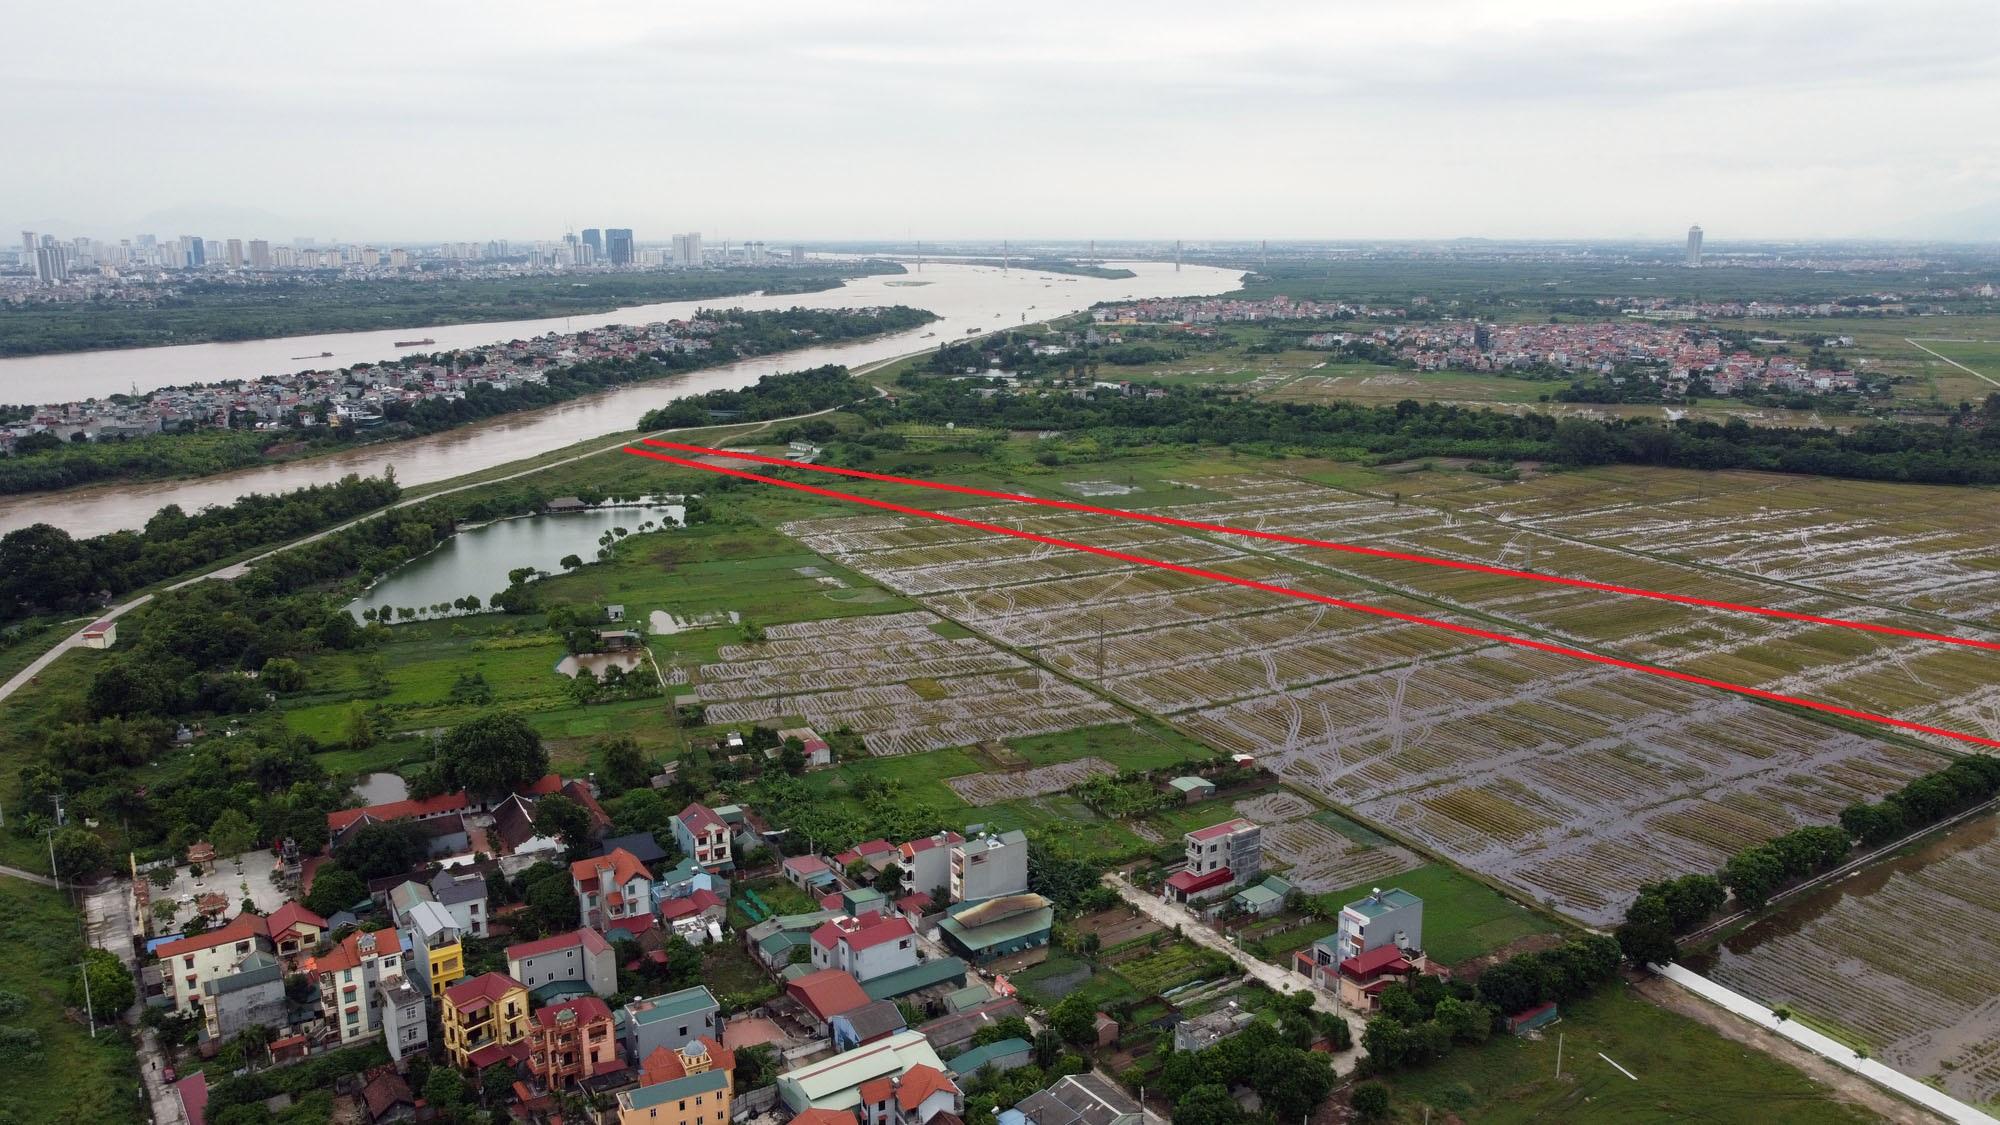 Kế hoạch sử dụng đất xã Đông Hội, Đông Anh, Hà Nội năm 2021 - Ảnh 1.